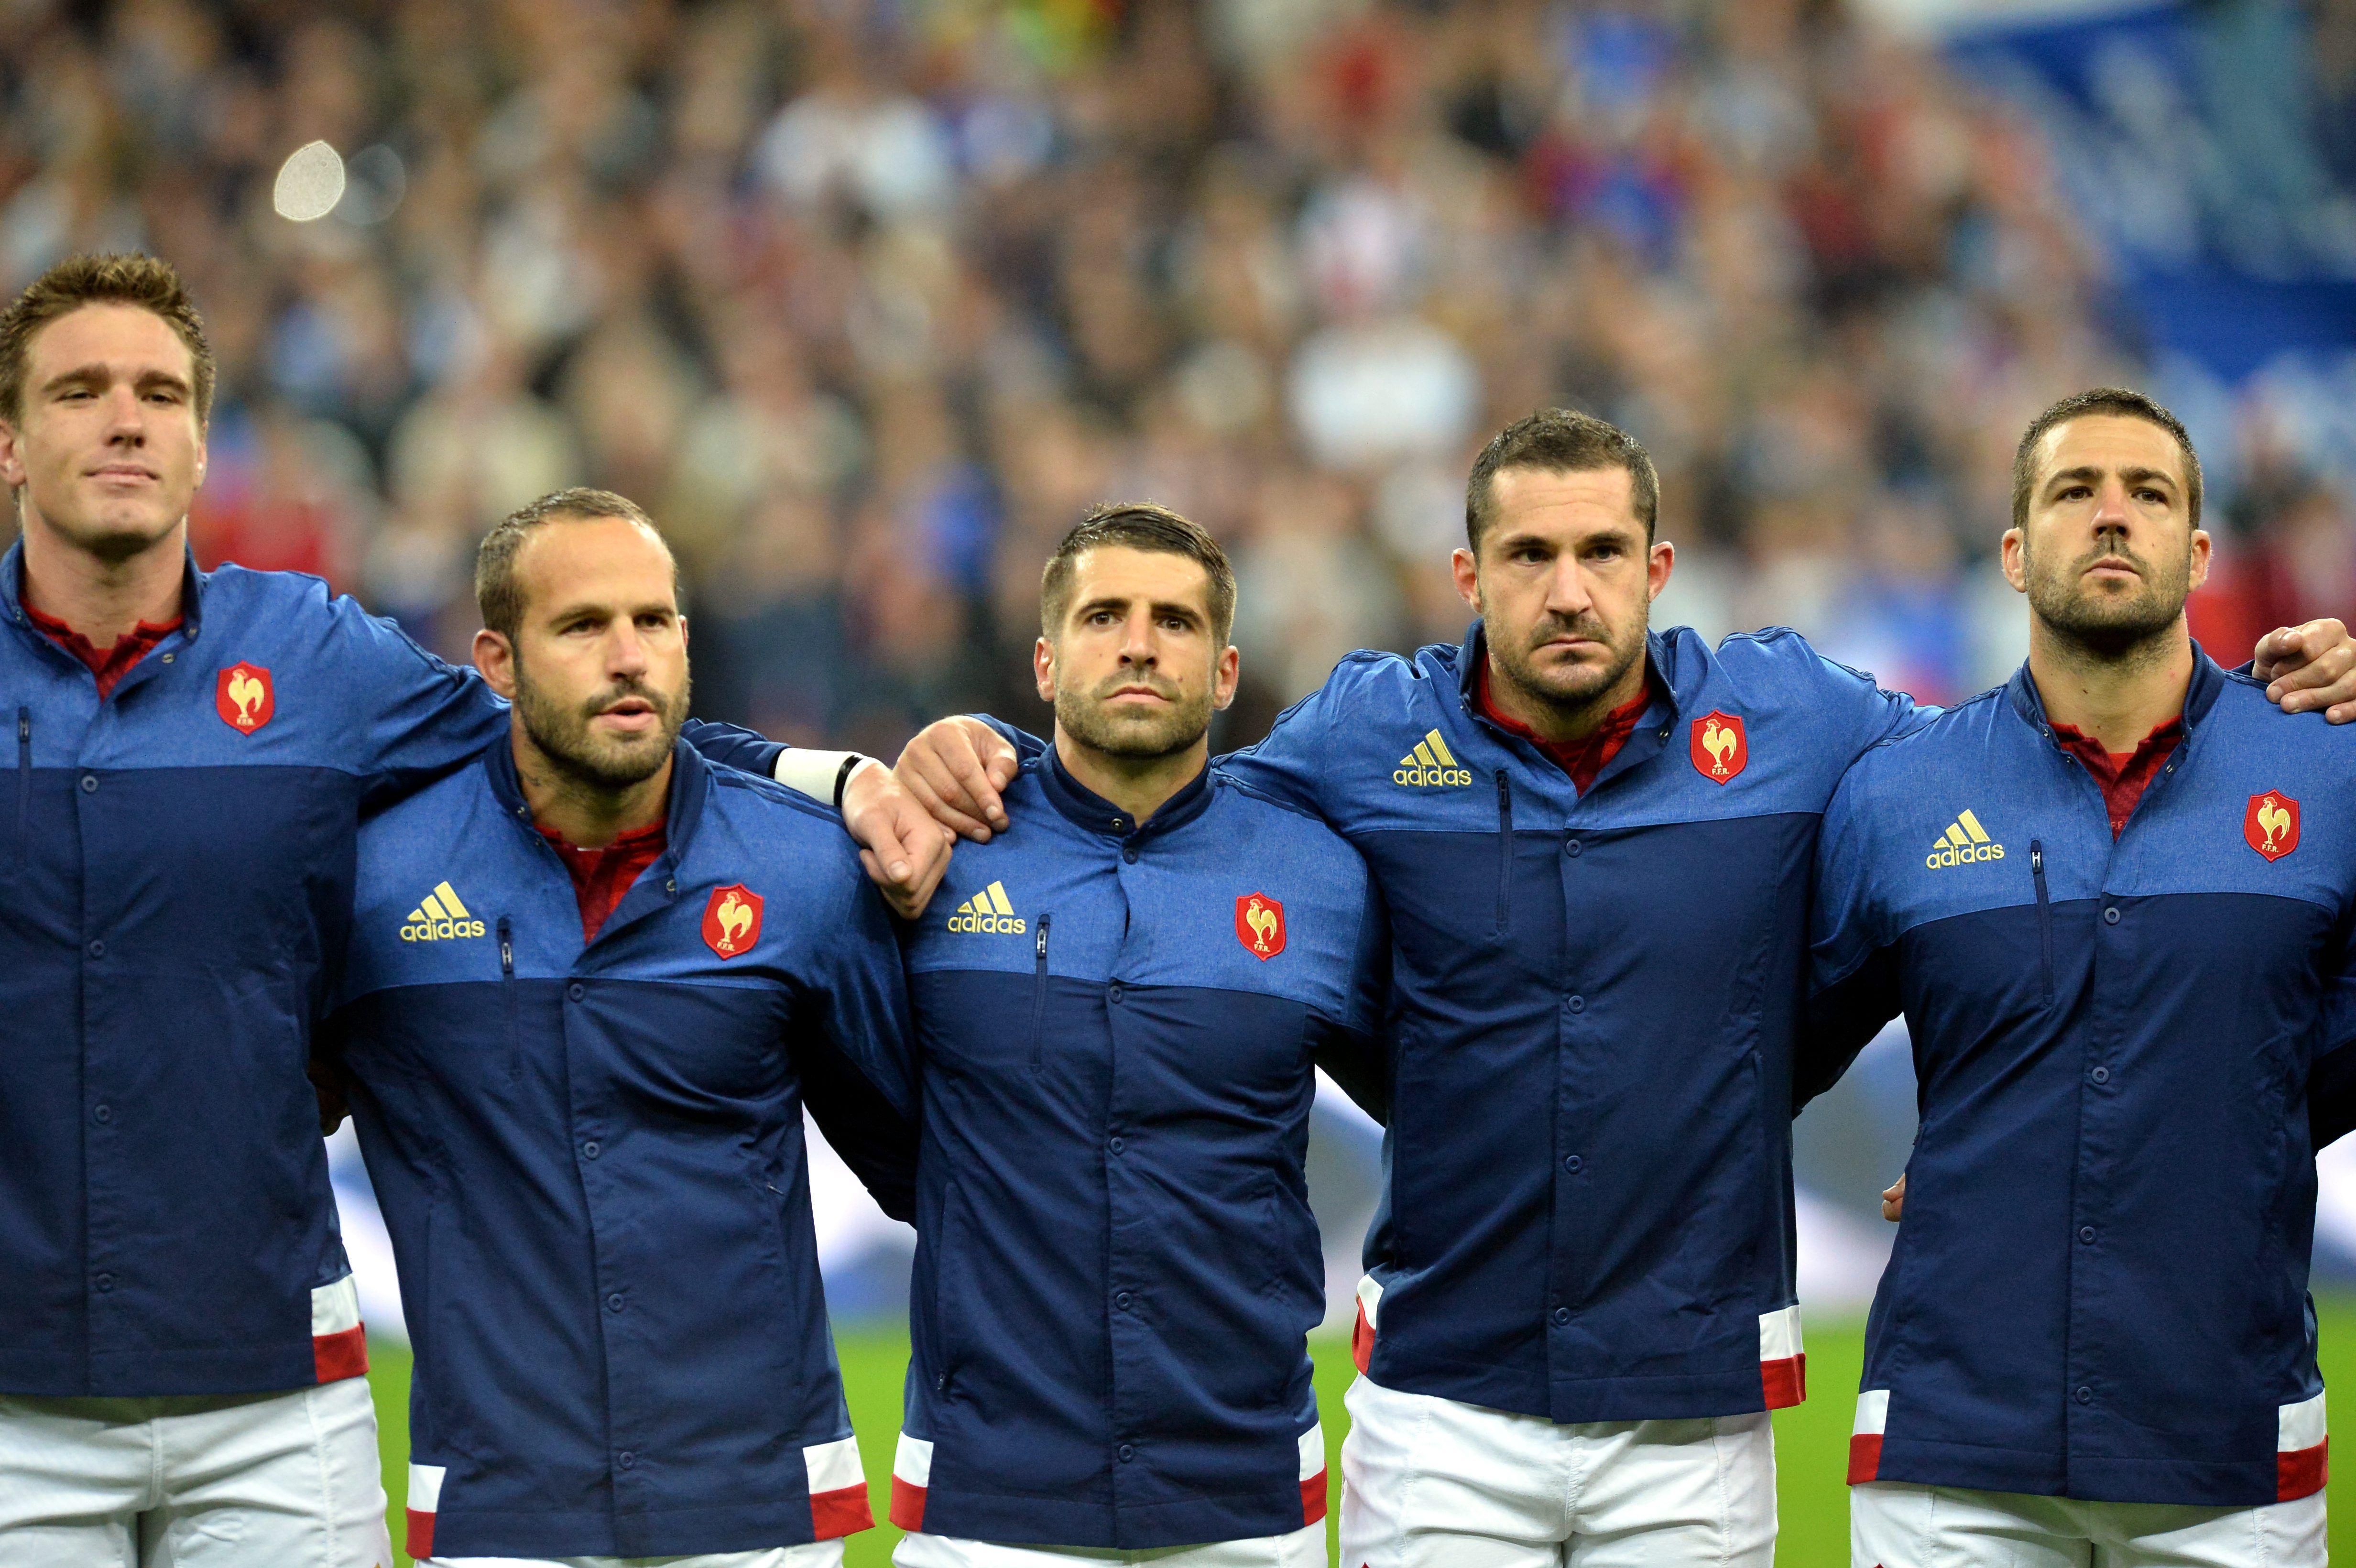 Xv de france la r volte fait pschitt coupe du monde - Resultats coupe du monde de rugby 2015 ...